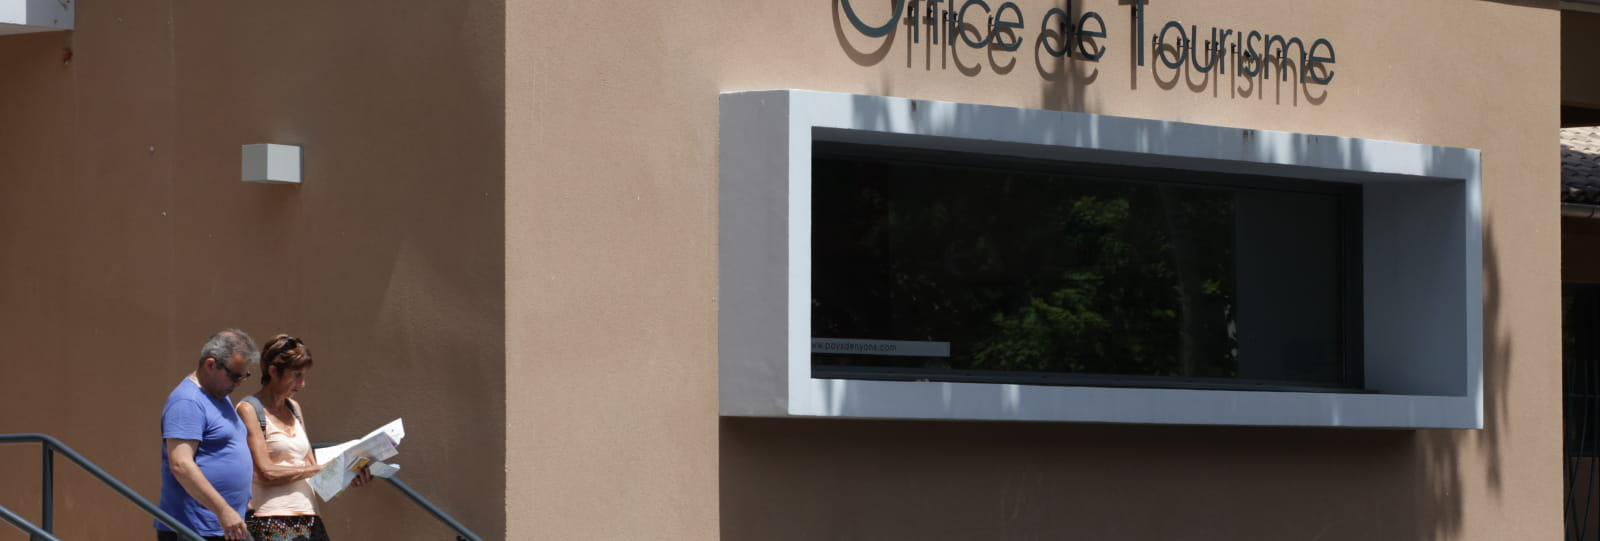 Office de Tourisme des Baronnies en Drôme Provençale - Pays de Nyons